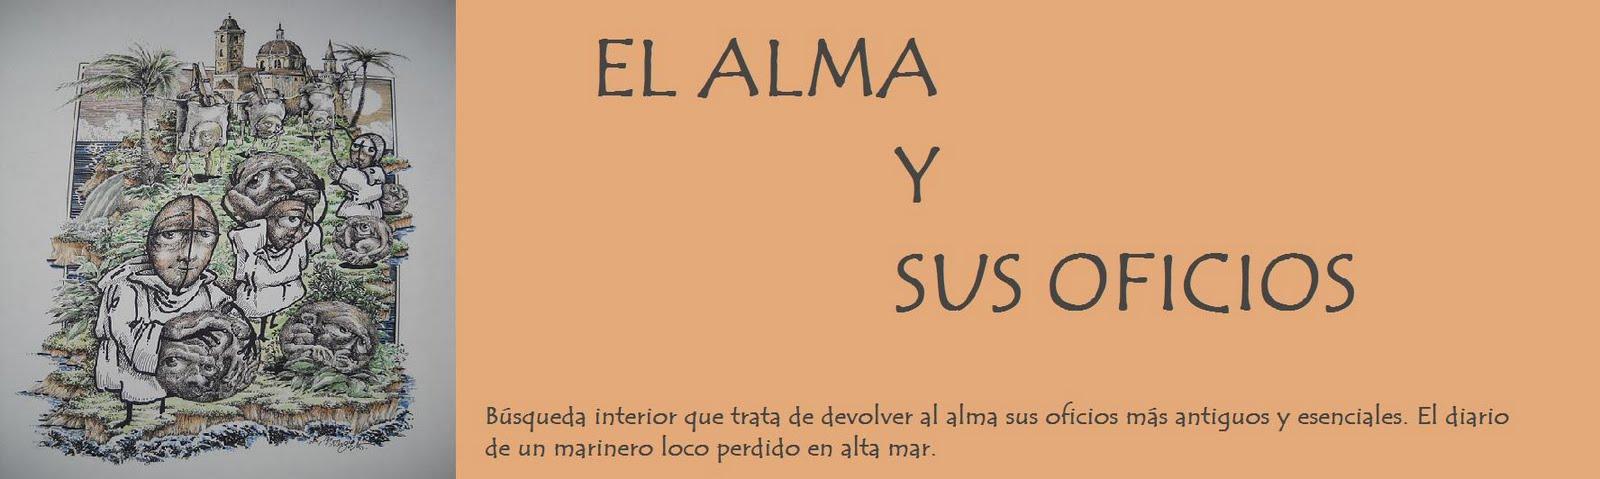 EL ALMA Y SUS OFICIOS